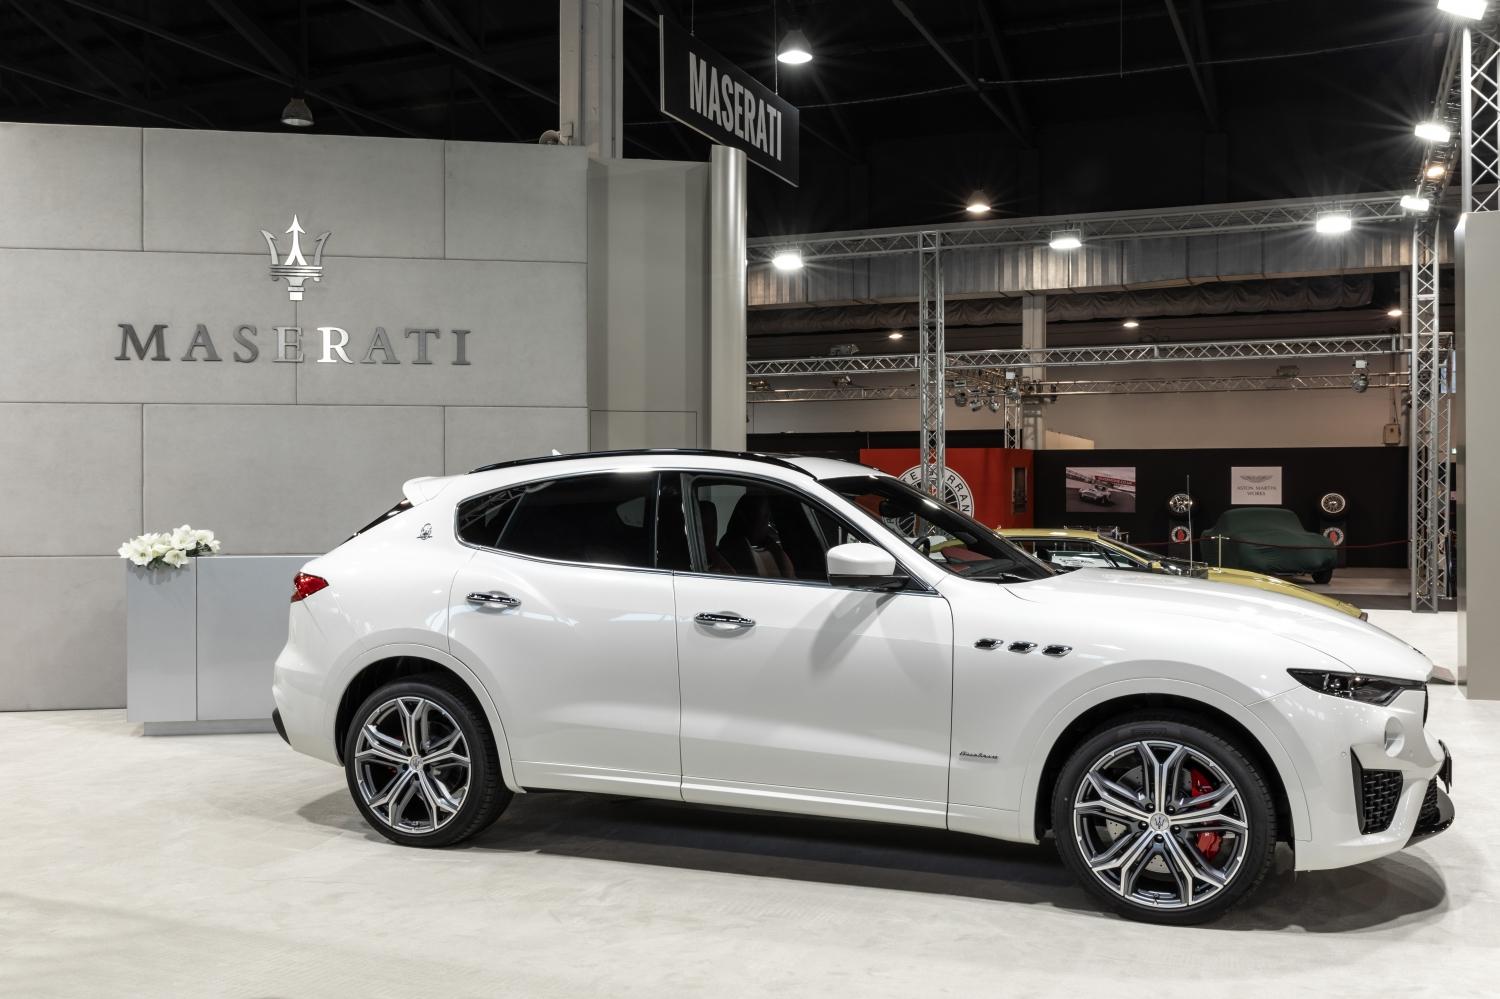 Maserati Padova Salone Auto d'Epoca 2018 Levante